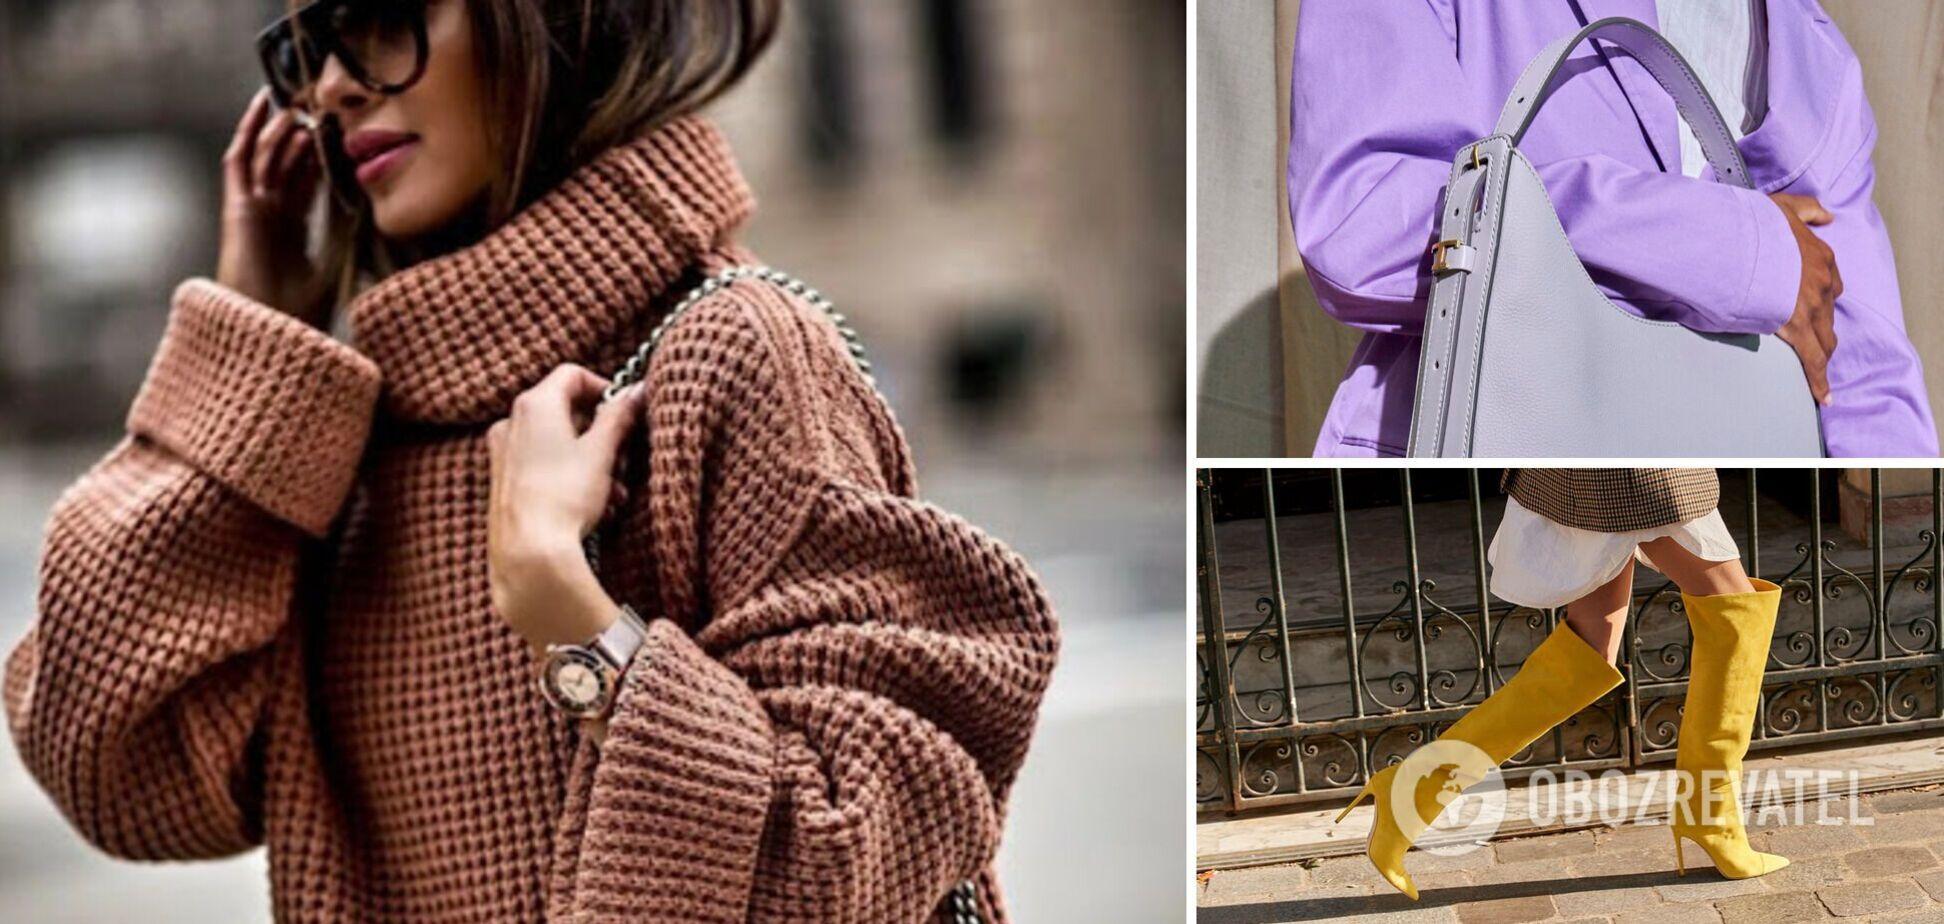 Тренды одежды осень-зима 2021: стилист показала, что будет модным в новом сезоне